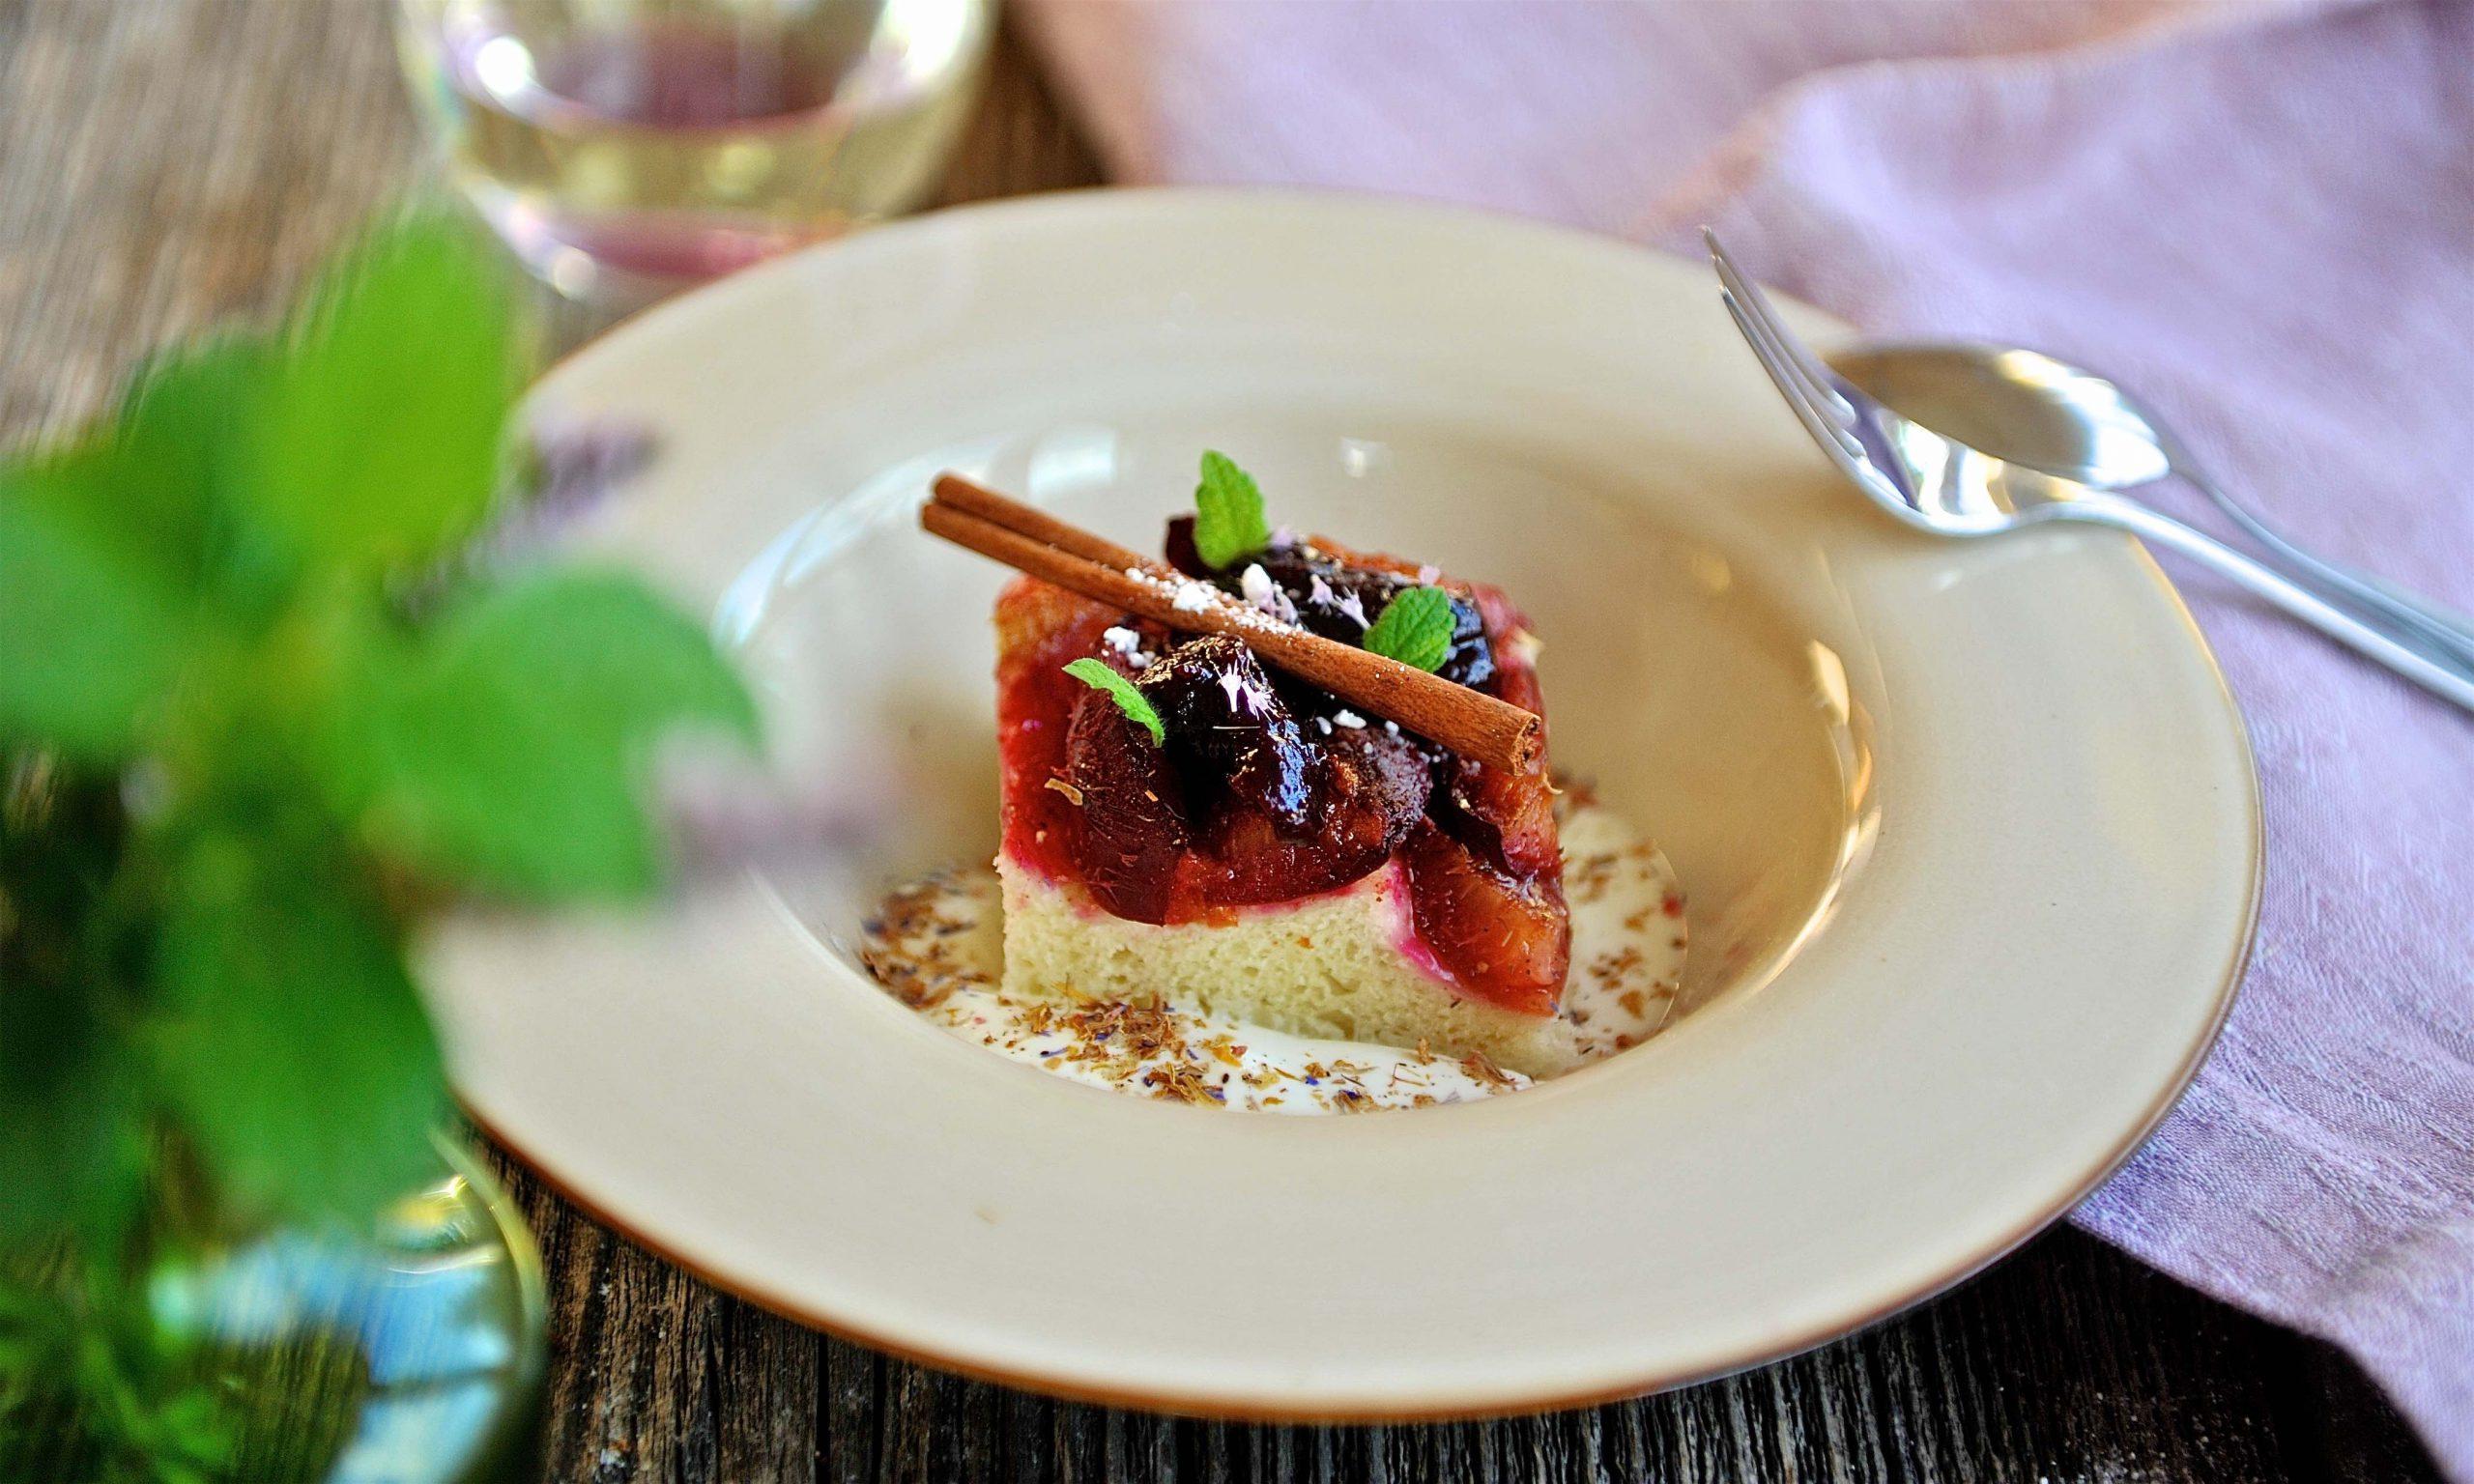 Kuchen mit Zwetschken in einem tiefen Teller, Serviette, Melisse